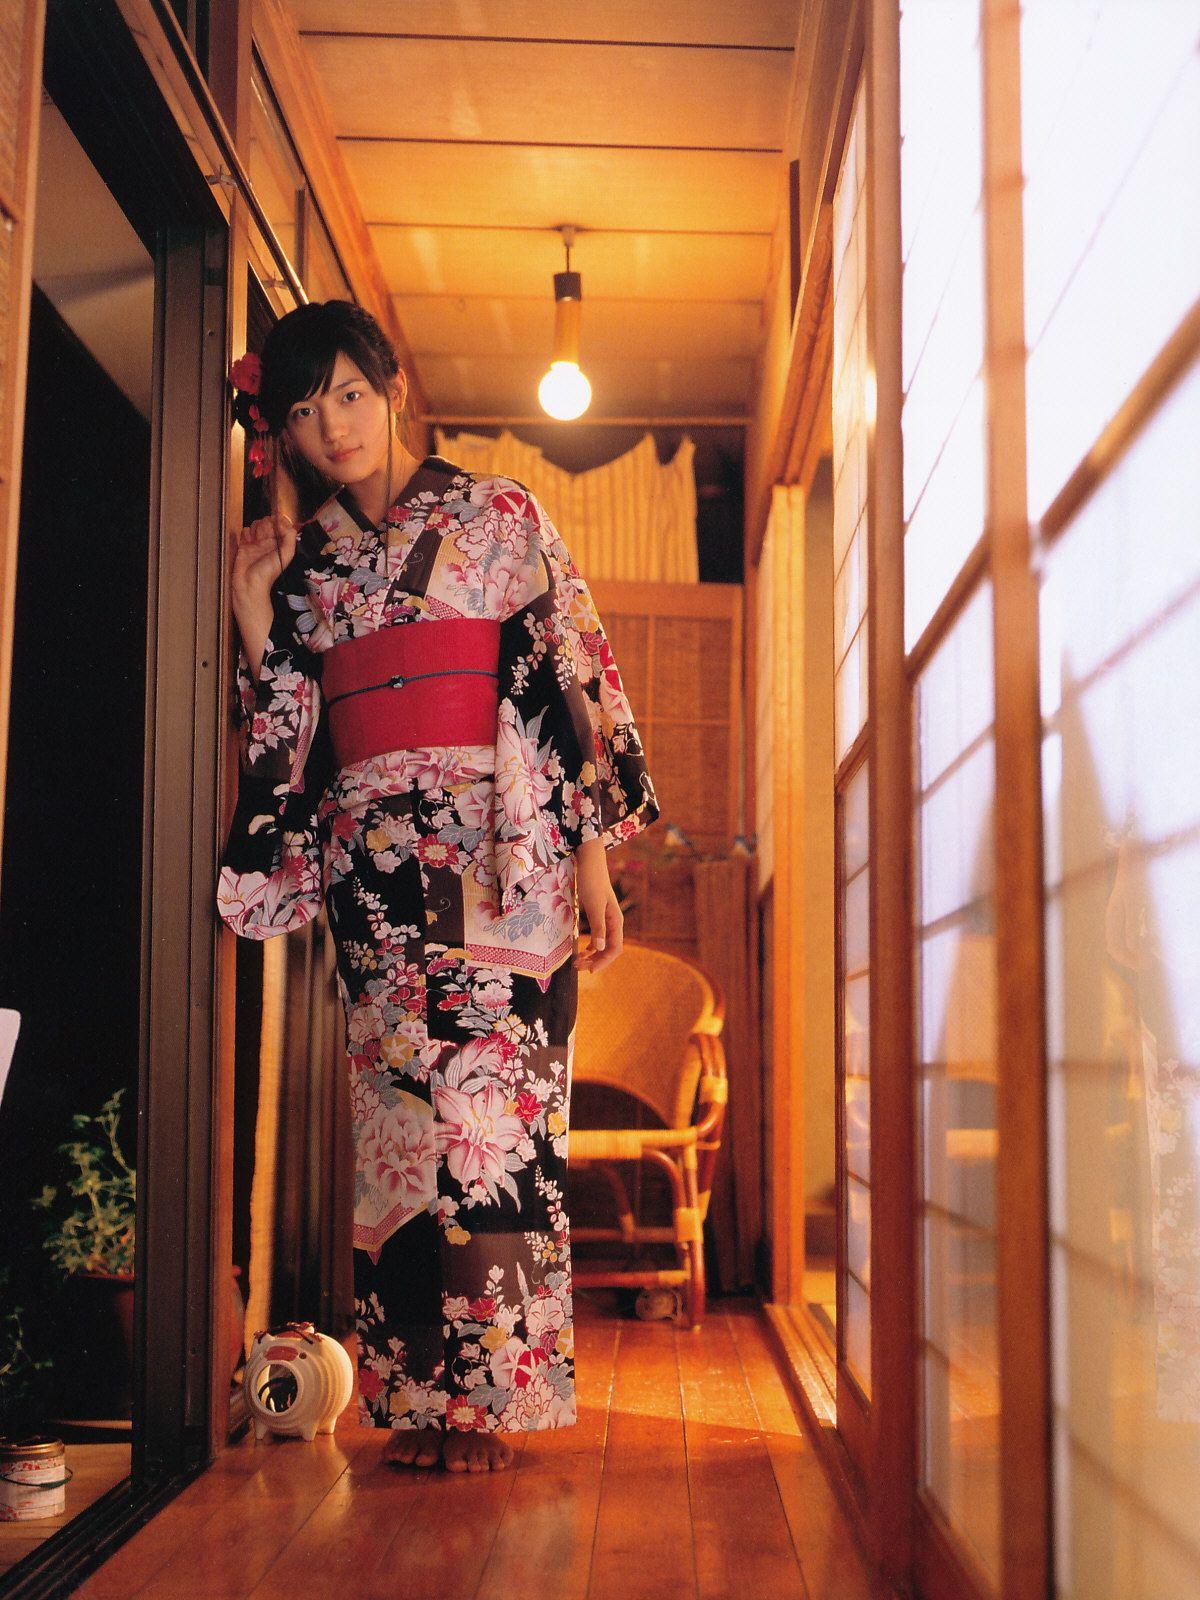 Pin by 雅布 重 on kimono samurai geisha pinterest kimonos and girls